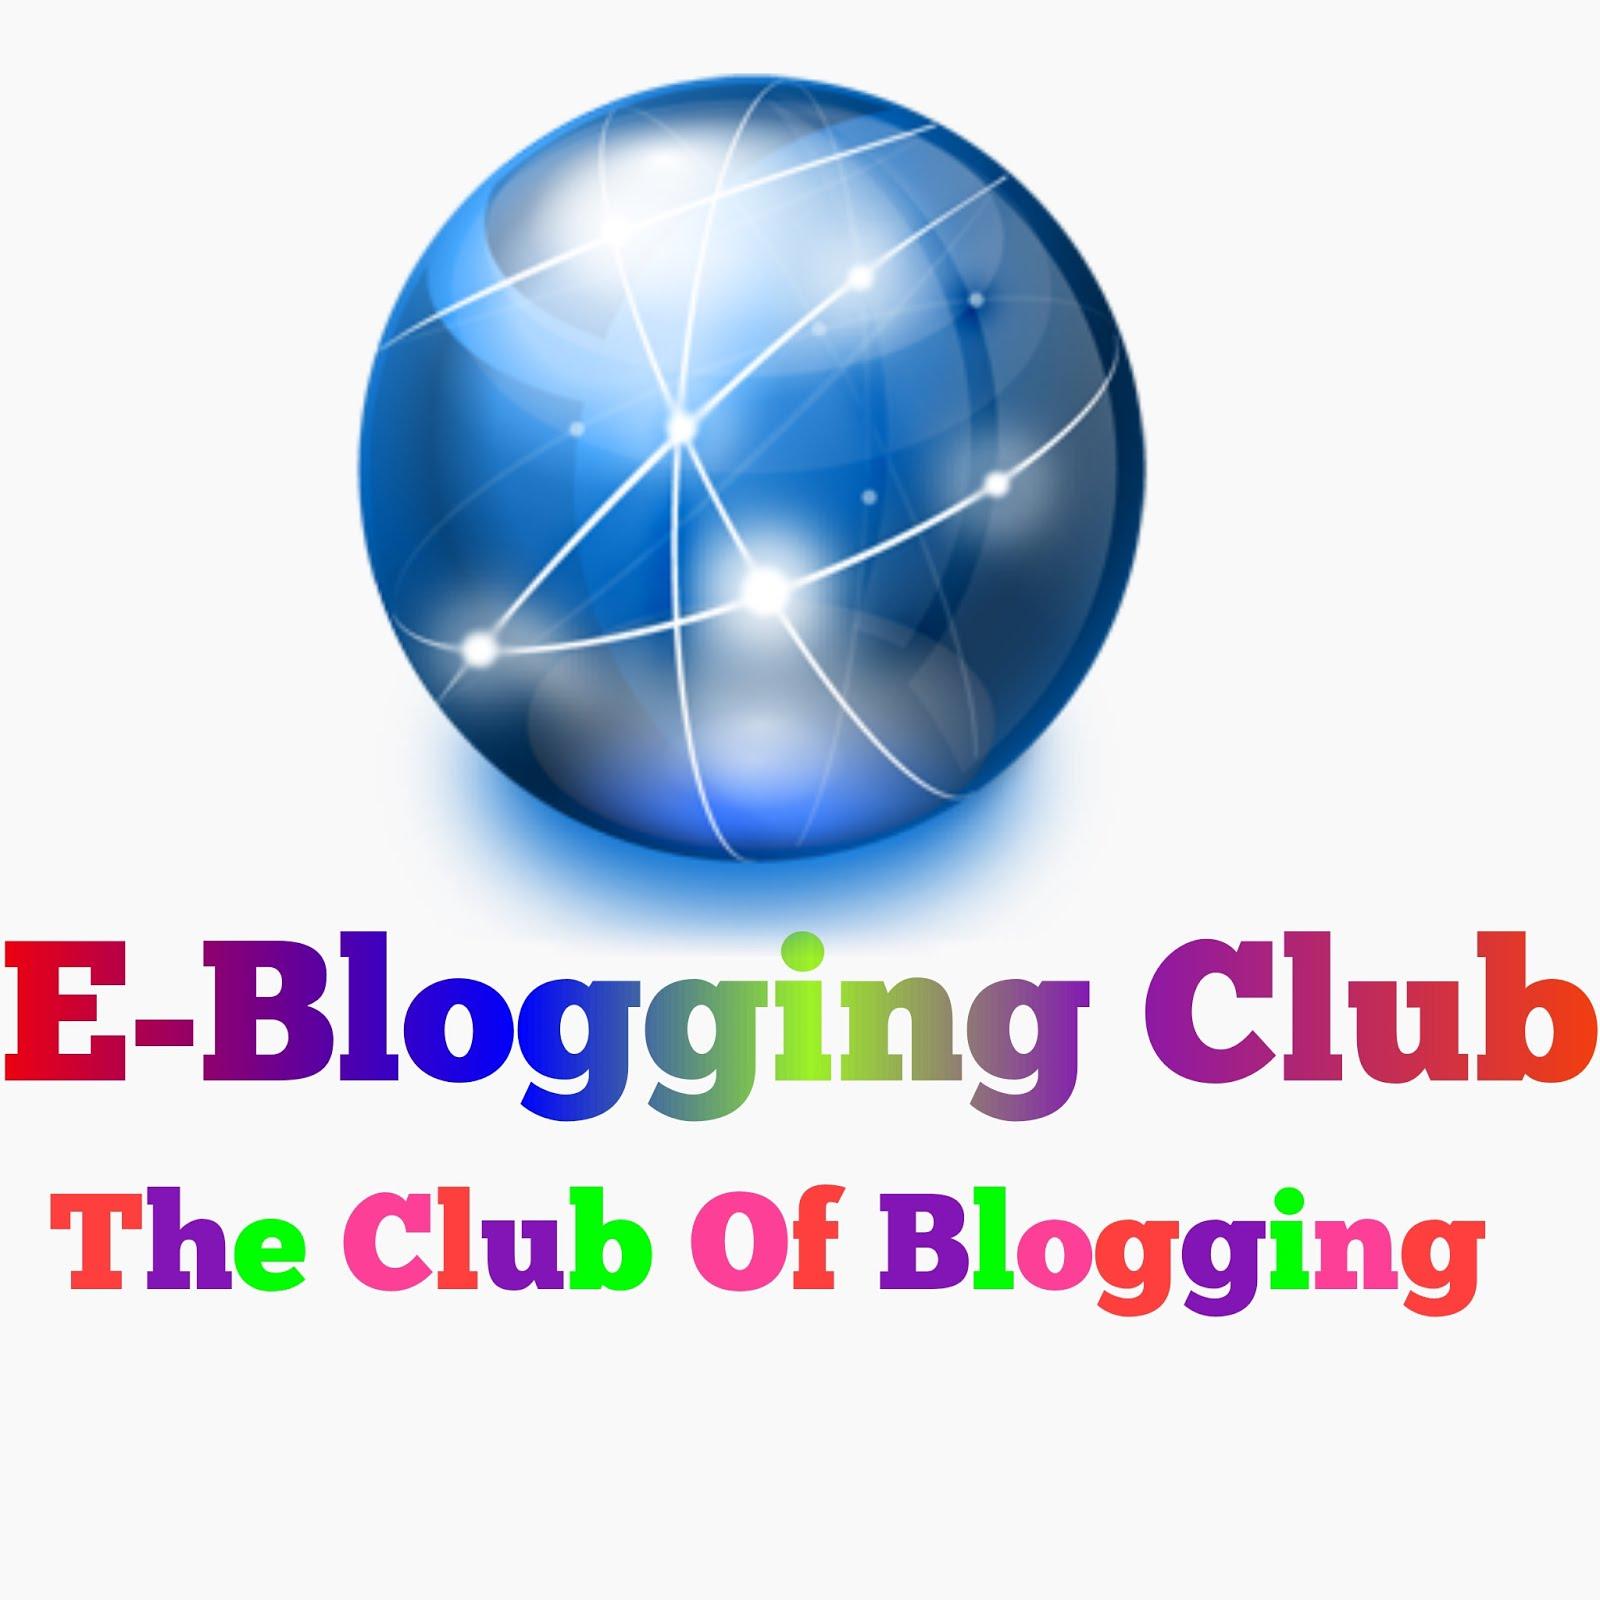 E-Blogging Club